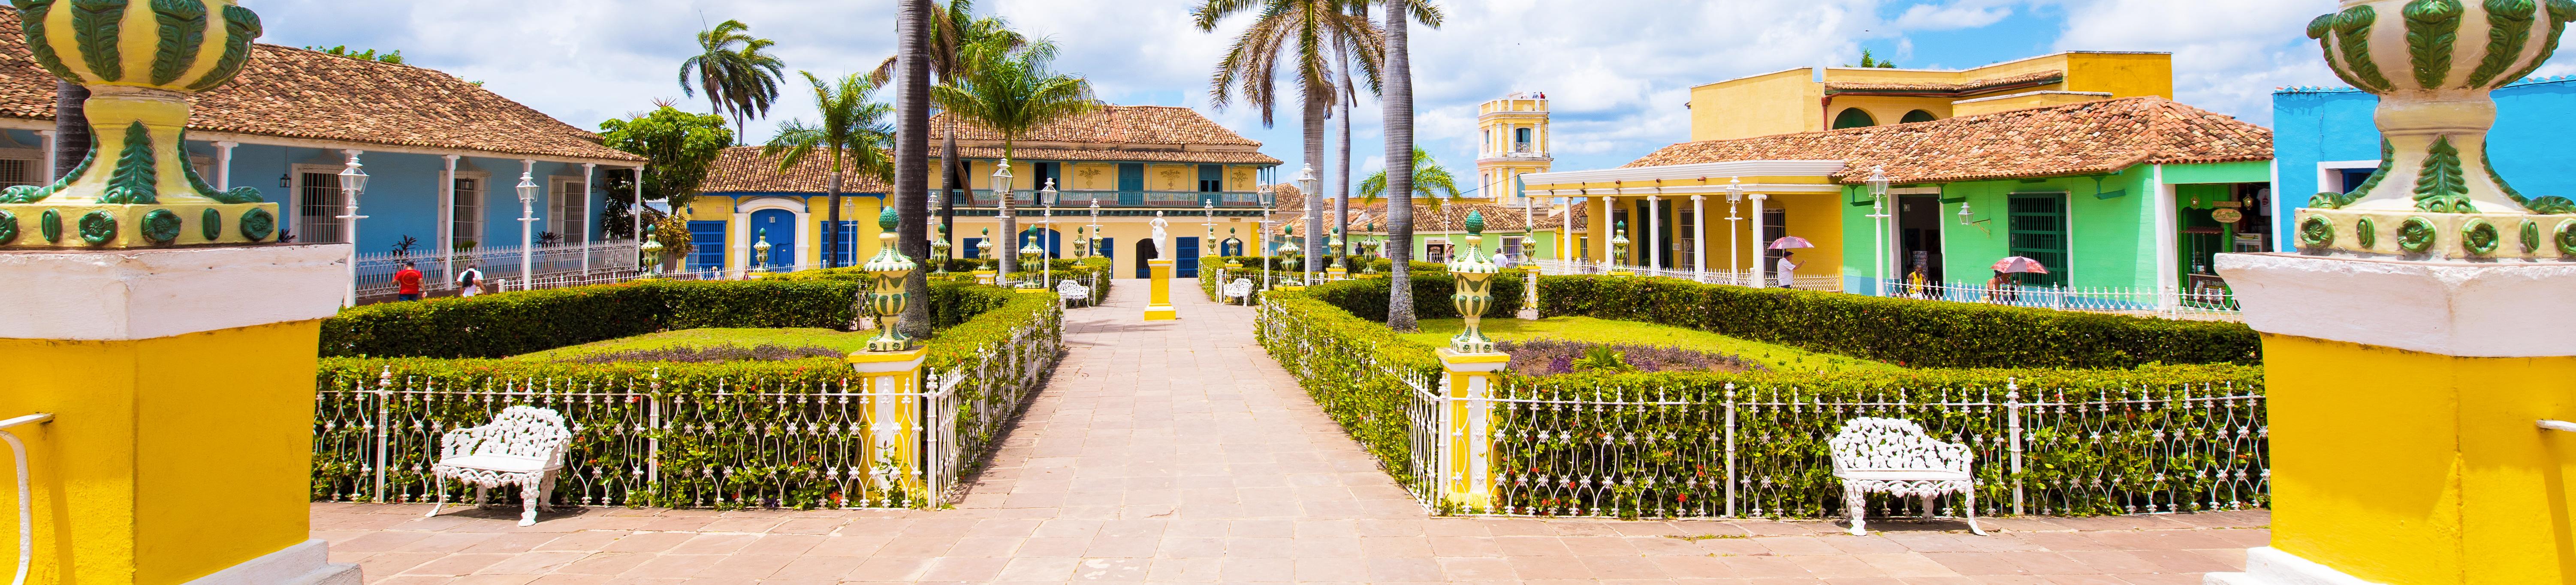 Aller à Cuba pas cher